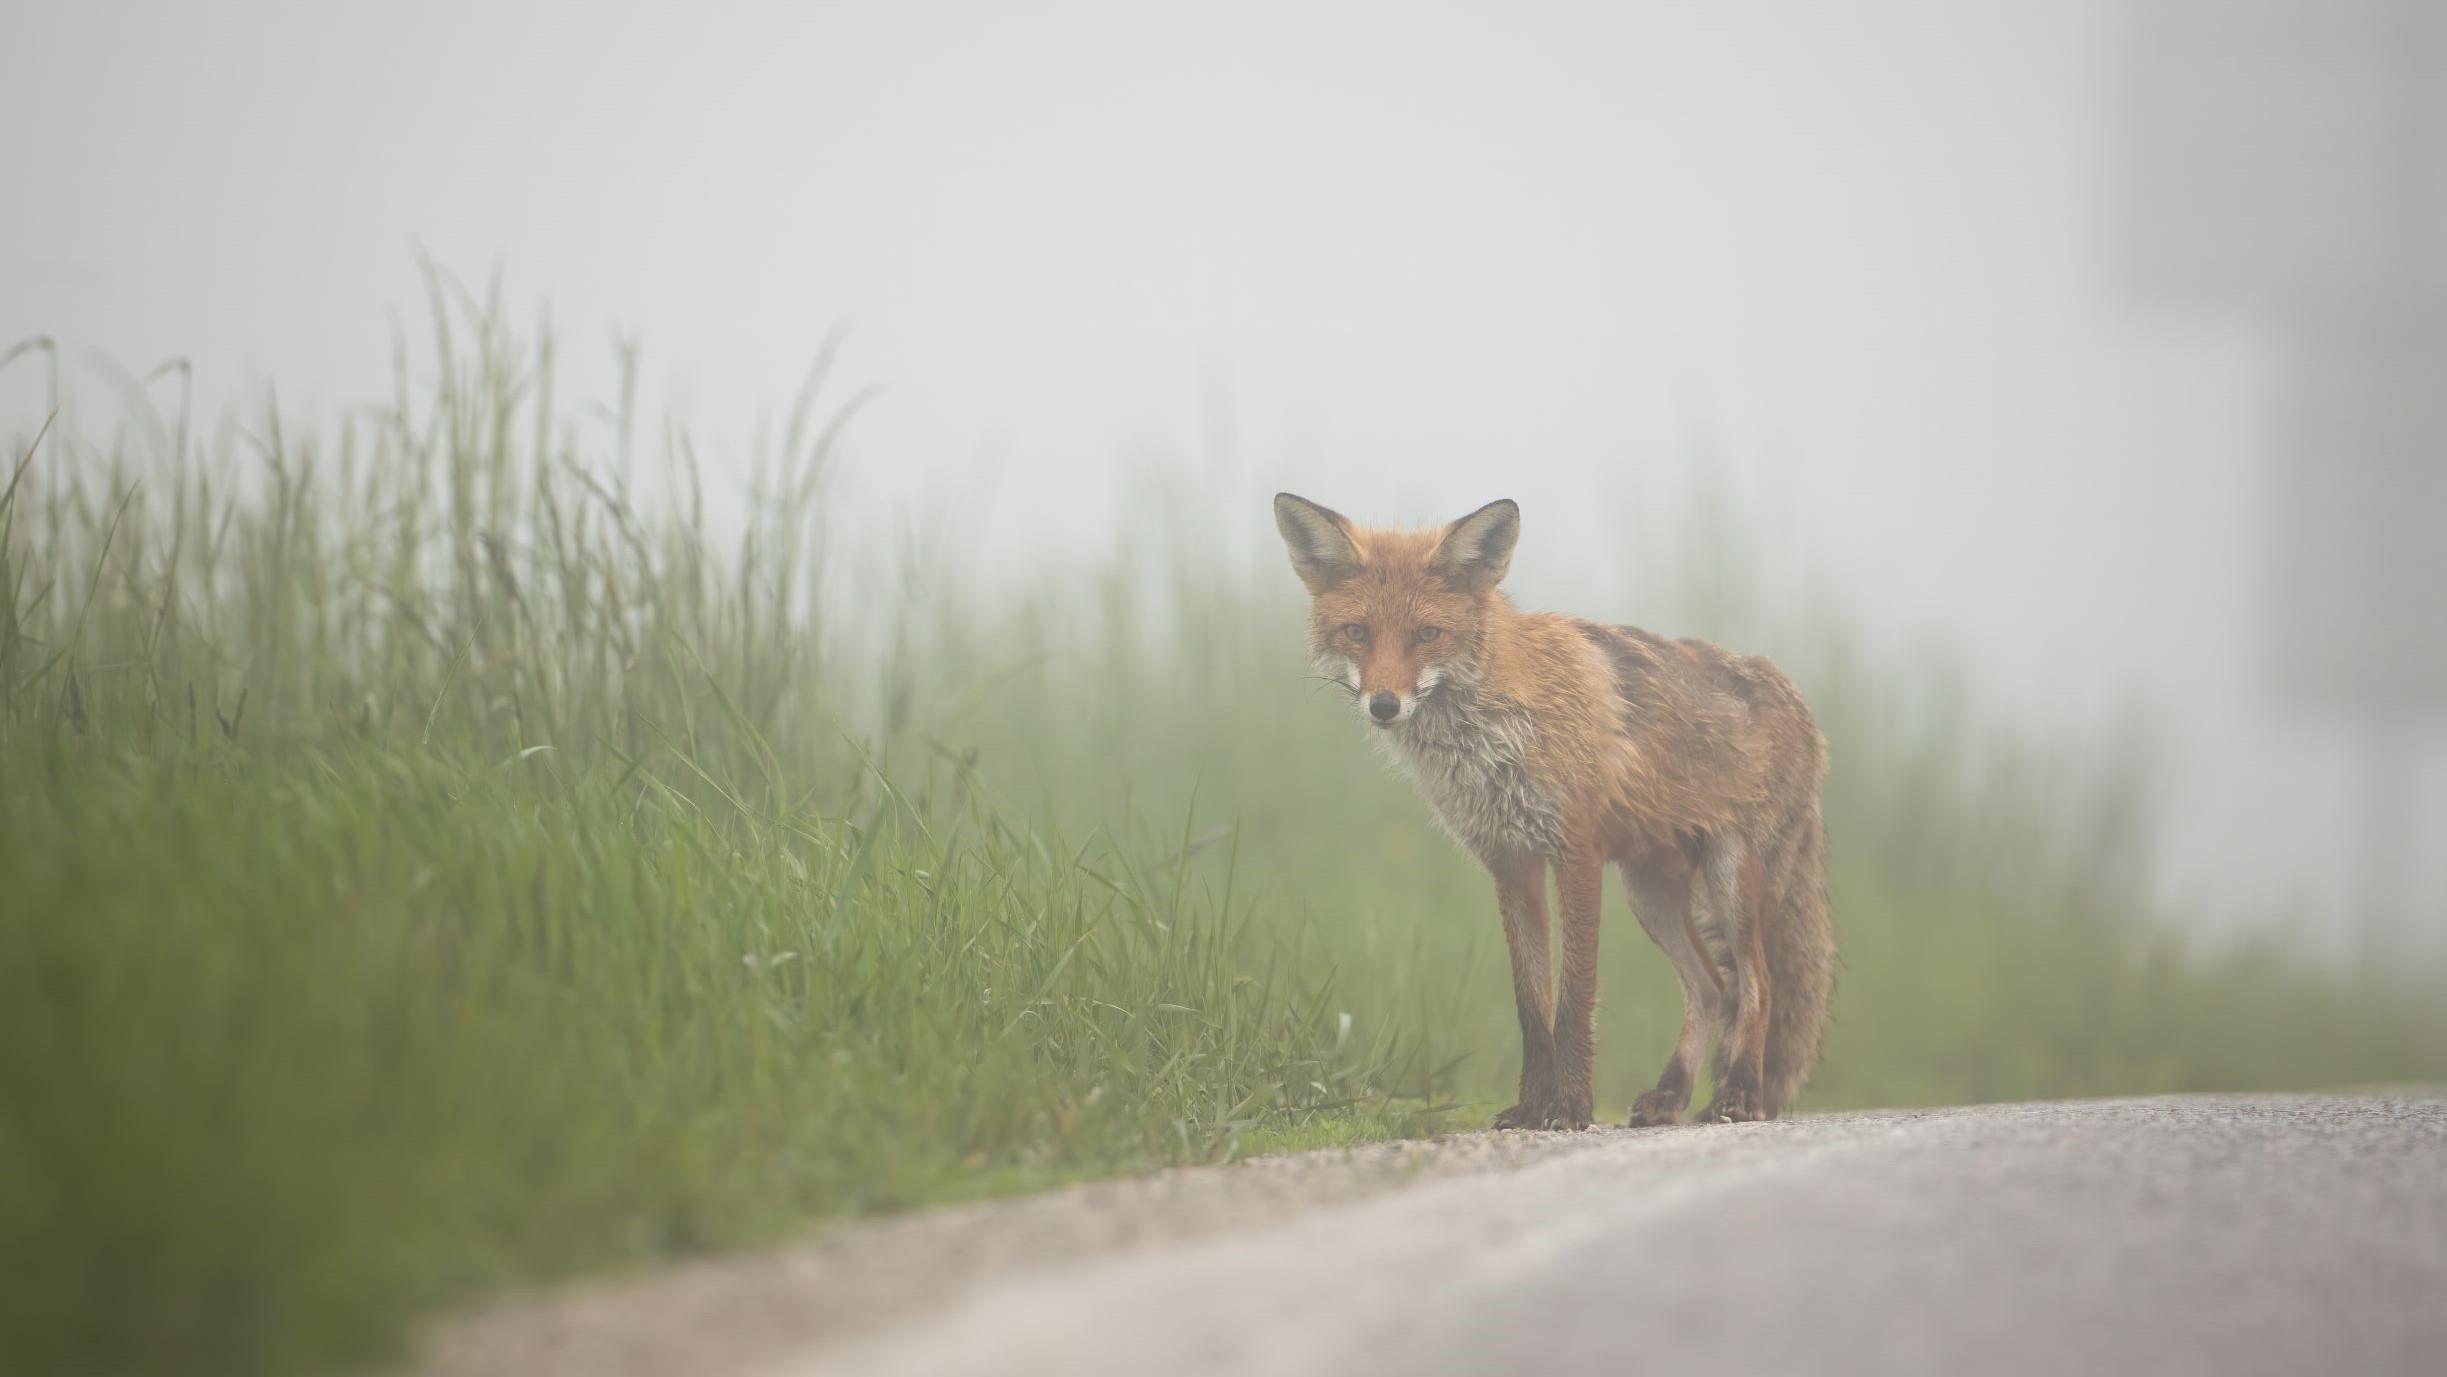 luonnonvaraiset eläimet tarvitsevat toisinaan apua; kuvassa kettu